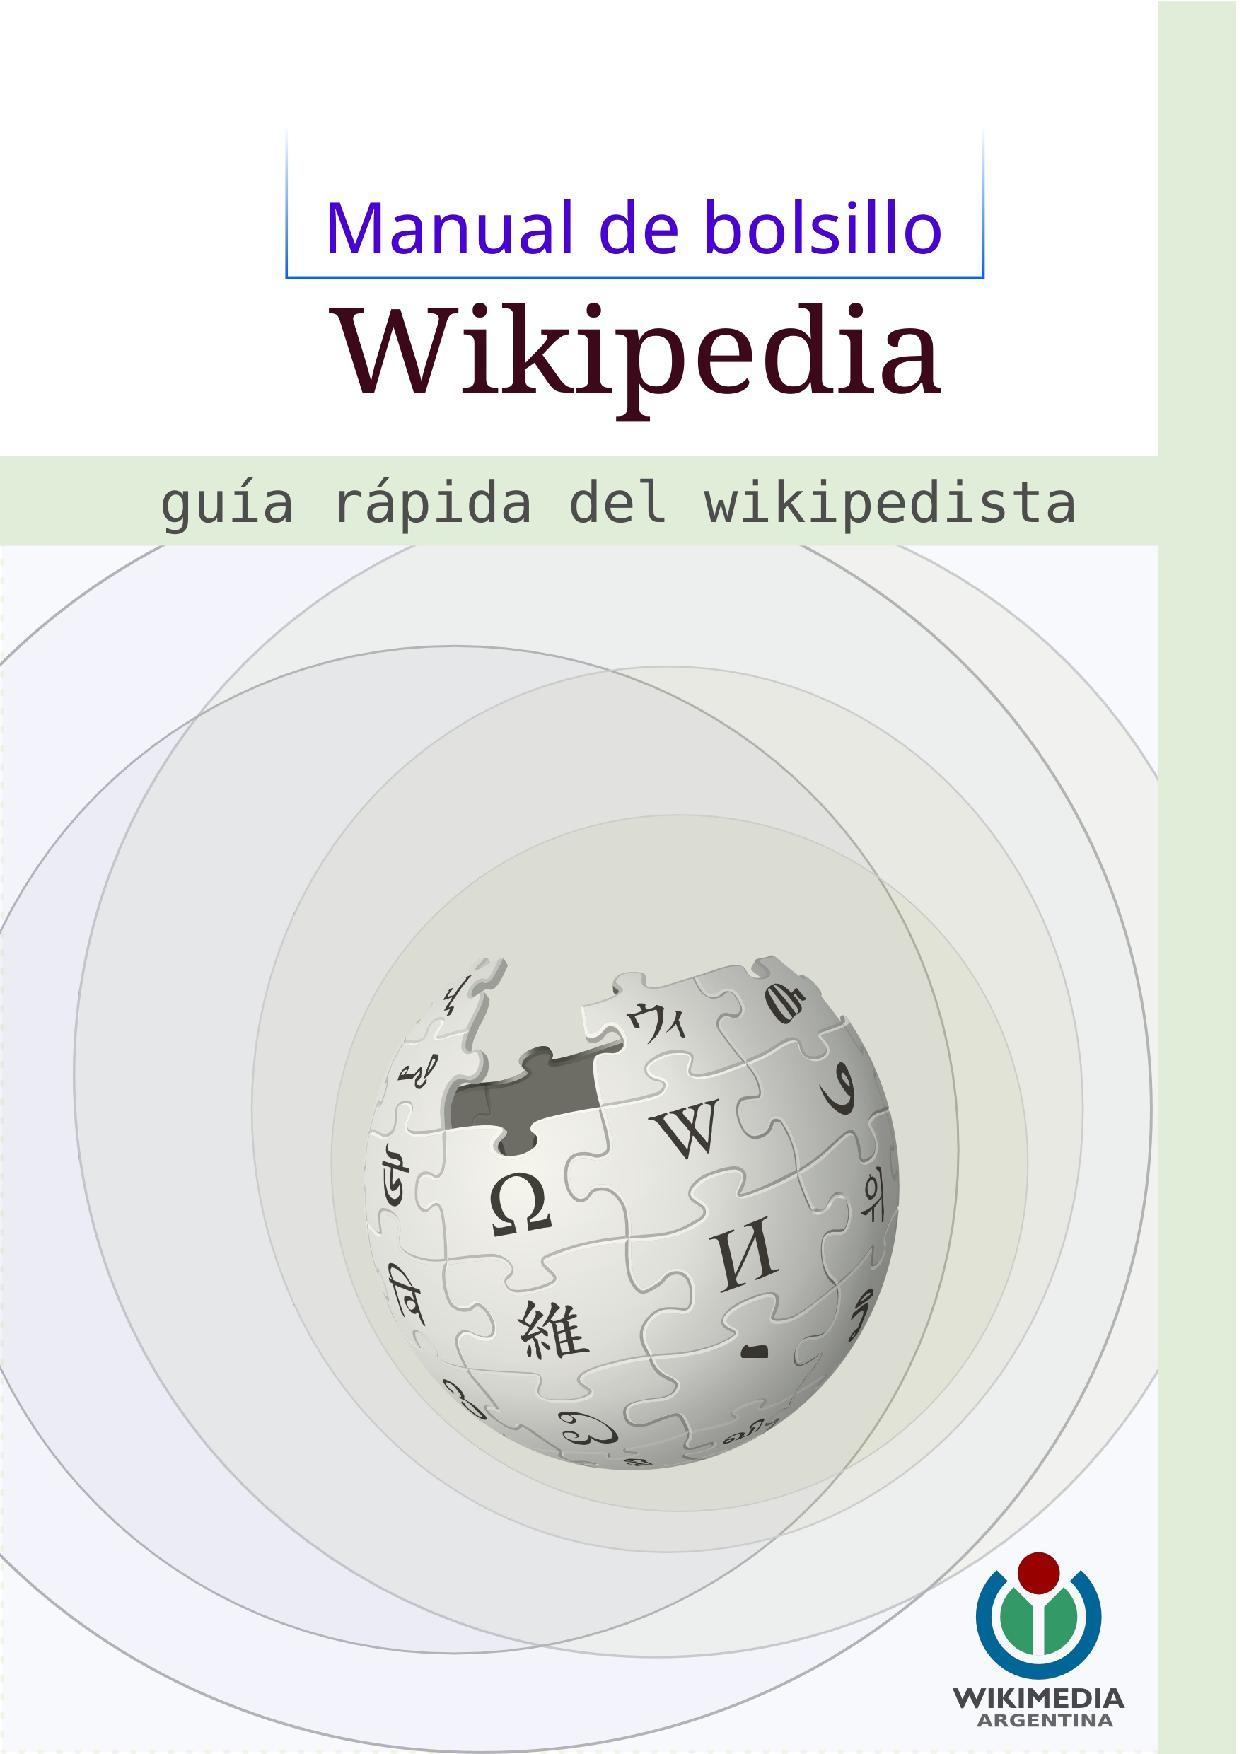 Archivo manual de bolsillo wikipedia wikimedia argentina for Manual de viveros forestales pdf